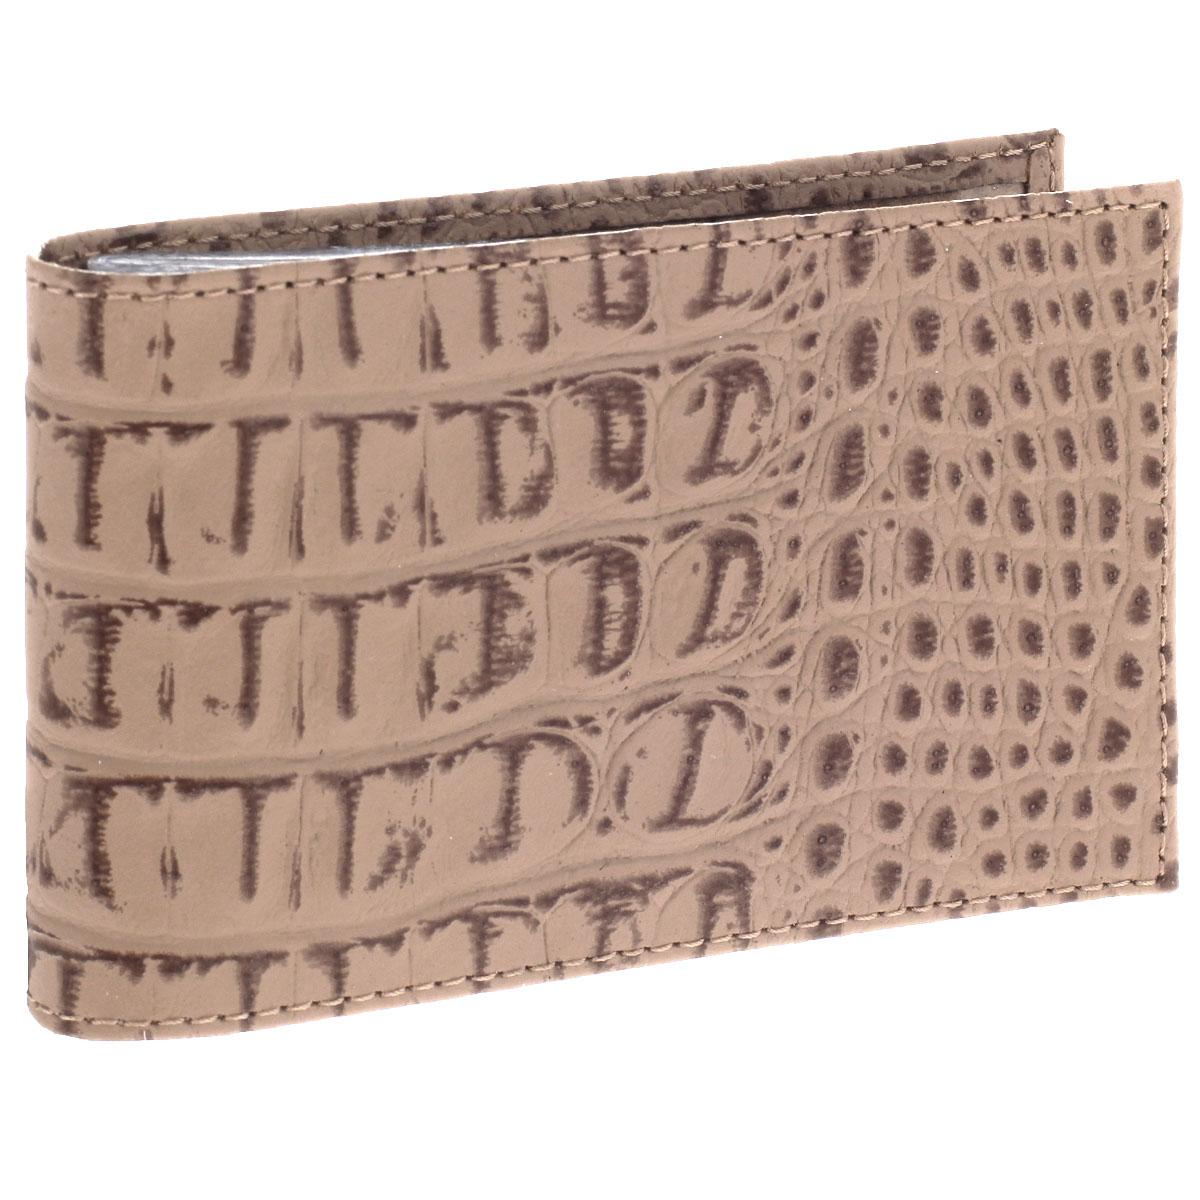 Визитница горизонтальная Befler, цвет: бежевый. V.30.-13V.30.-13. бежевыйУльтрамодная горизонтальная визитница Befler изготовлена из натуральной кожи и декорирована тиснением под рептилию. Тыльная сторона оформлена названием бренда. Внутри содержится съемный блок из прозрачного мягкого пластика на 20 визиток, а также 2 удобных горизонтальных кармана. Изделие упаковано в фирменную коробку. Стильная визитница подчеркнет вашу индивидуальность и изысканный вкус, а также станет замечательным подарком человеку, ценящему качественные и практичные вещи.